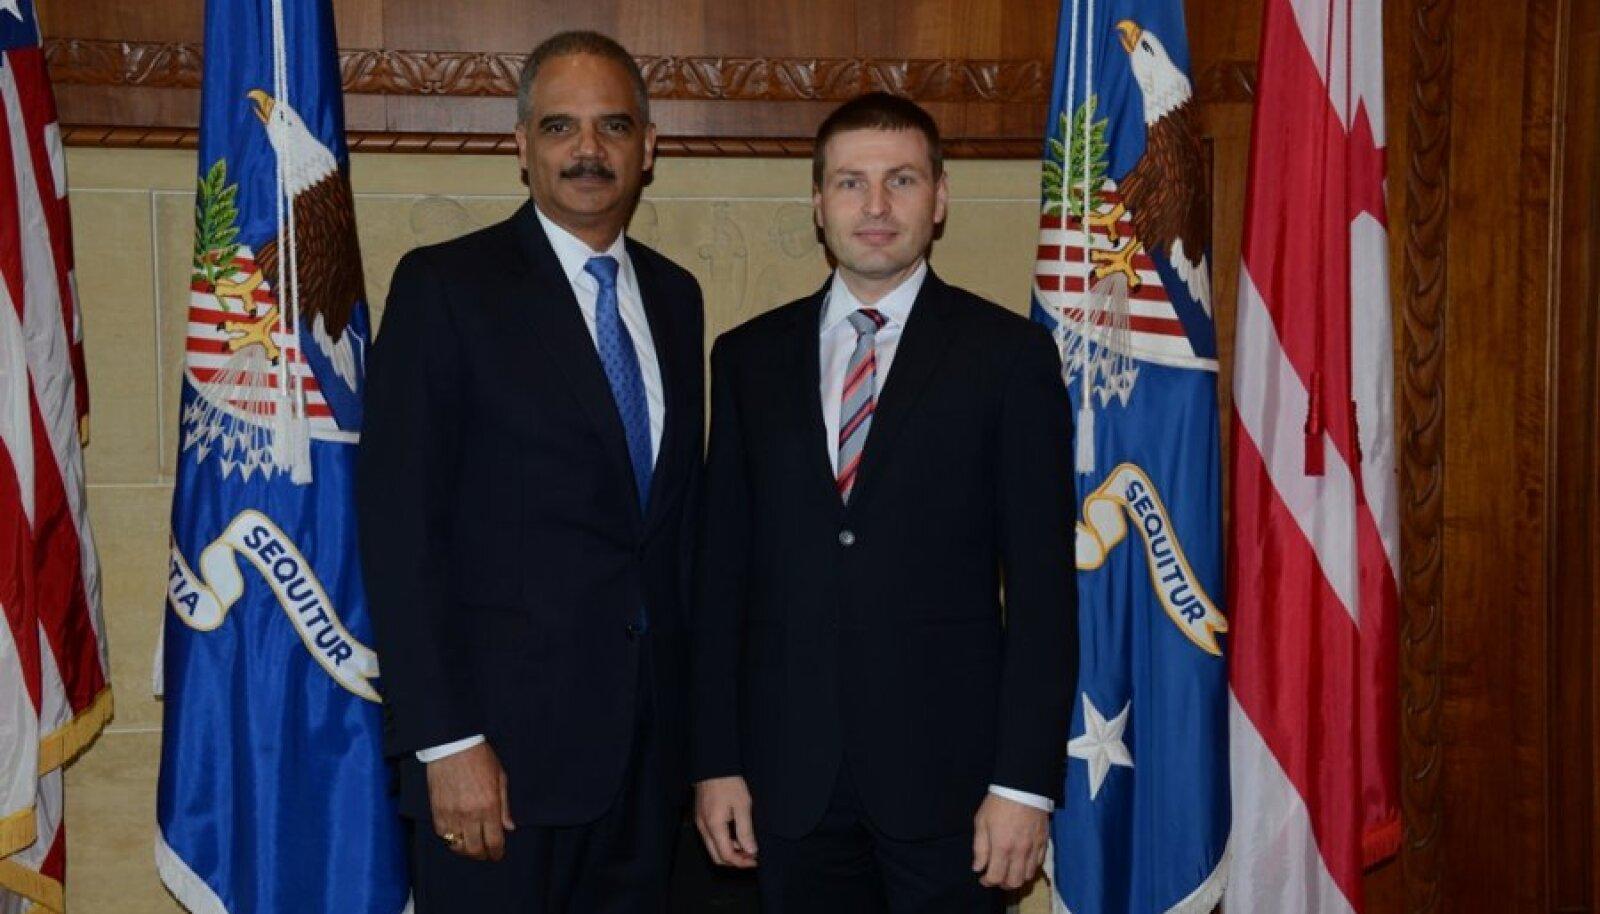 Eesti Vabariigi siseminister Hanno Pevkur ja USA justiitsminister Eric H. Holder